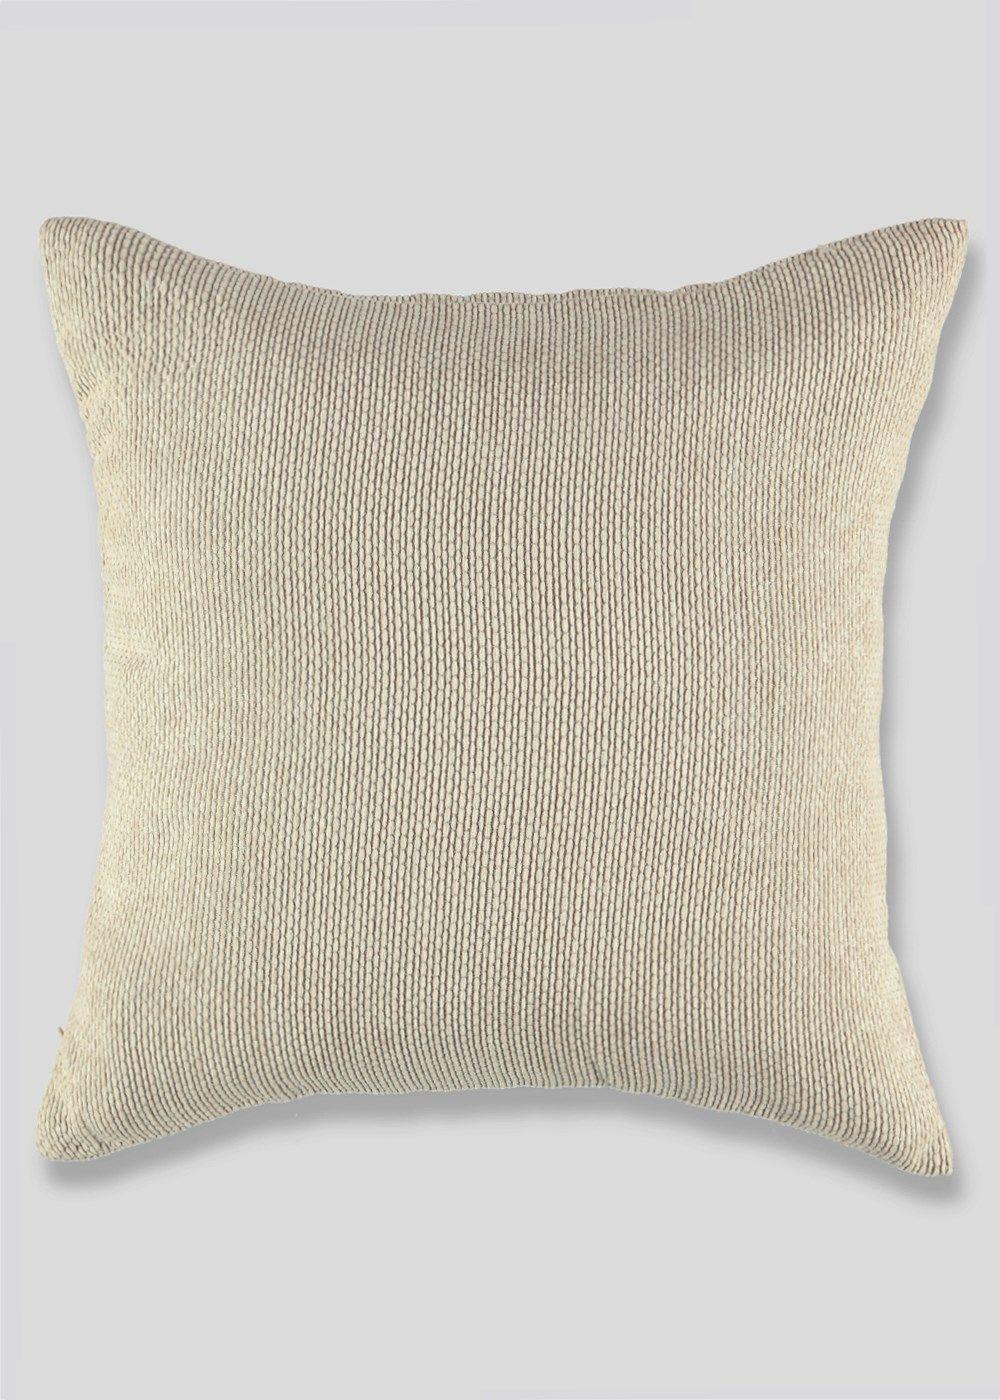 Plain Chenille Cushion (46cm x 46cm)